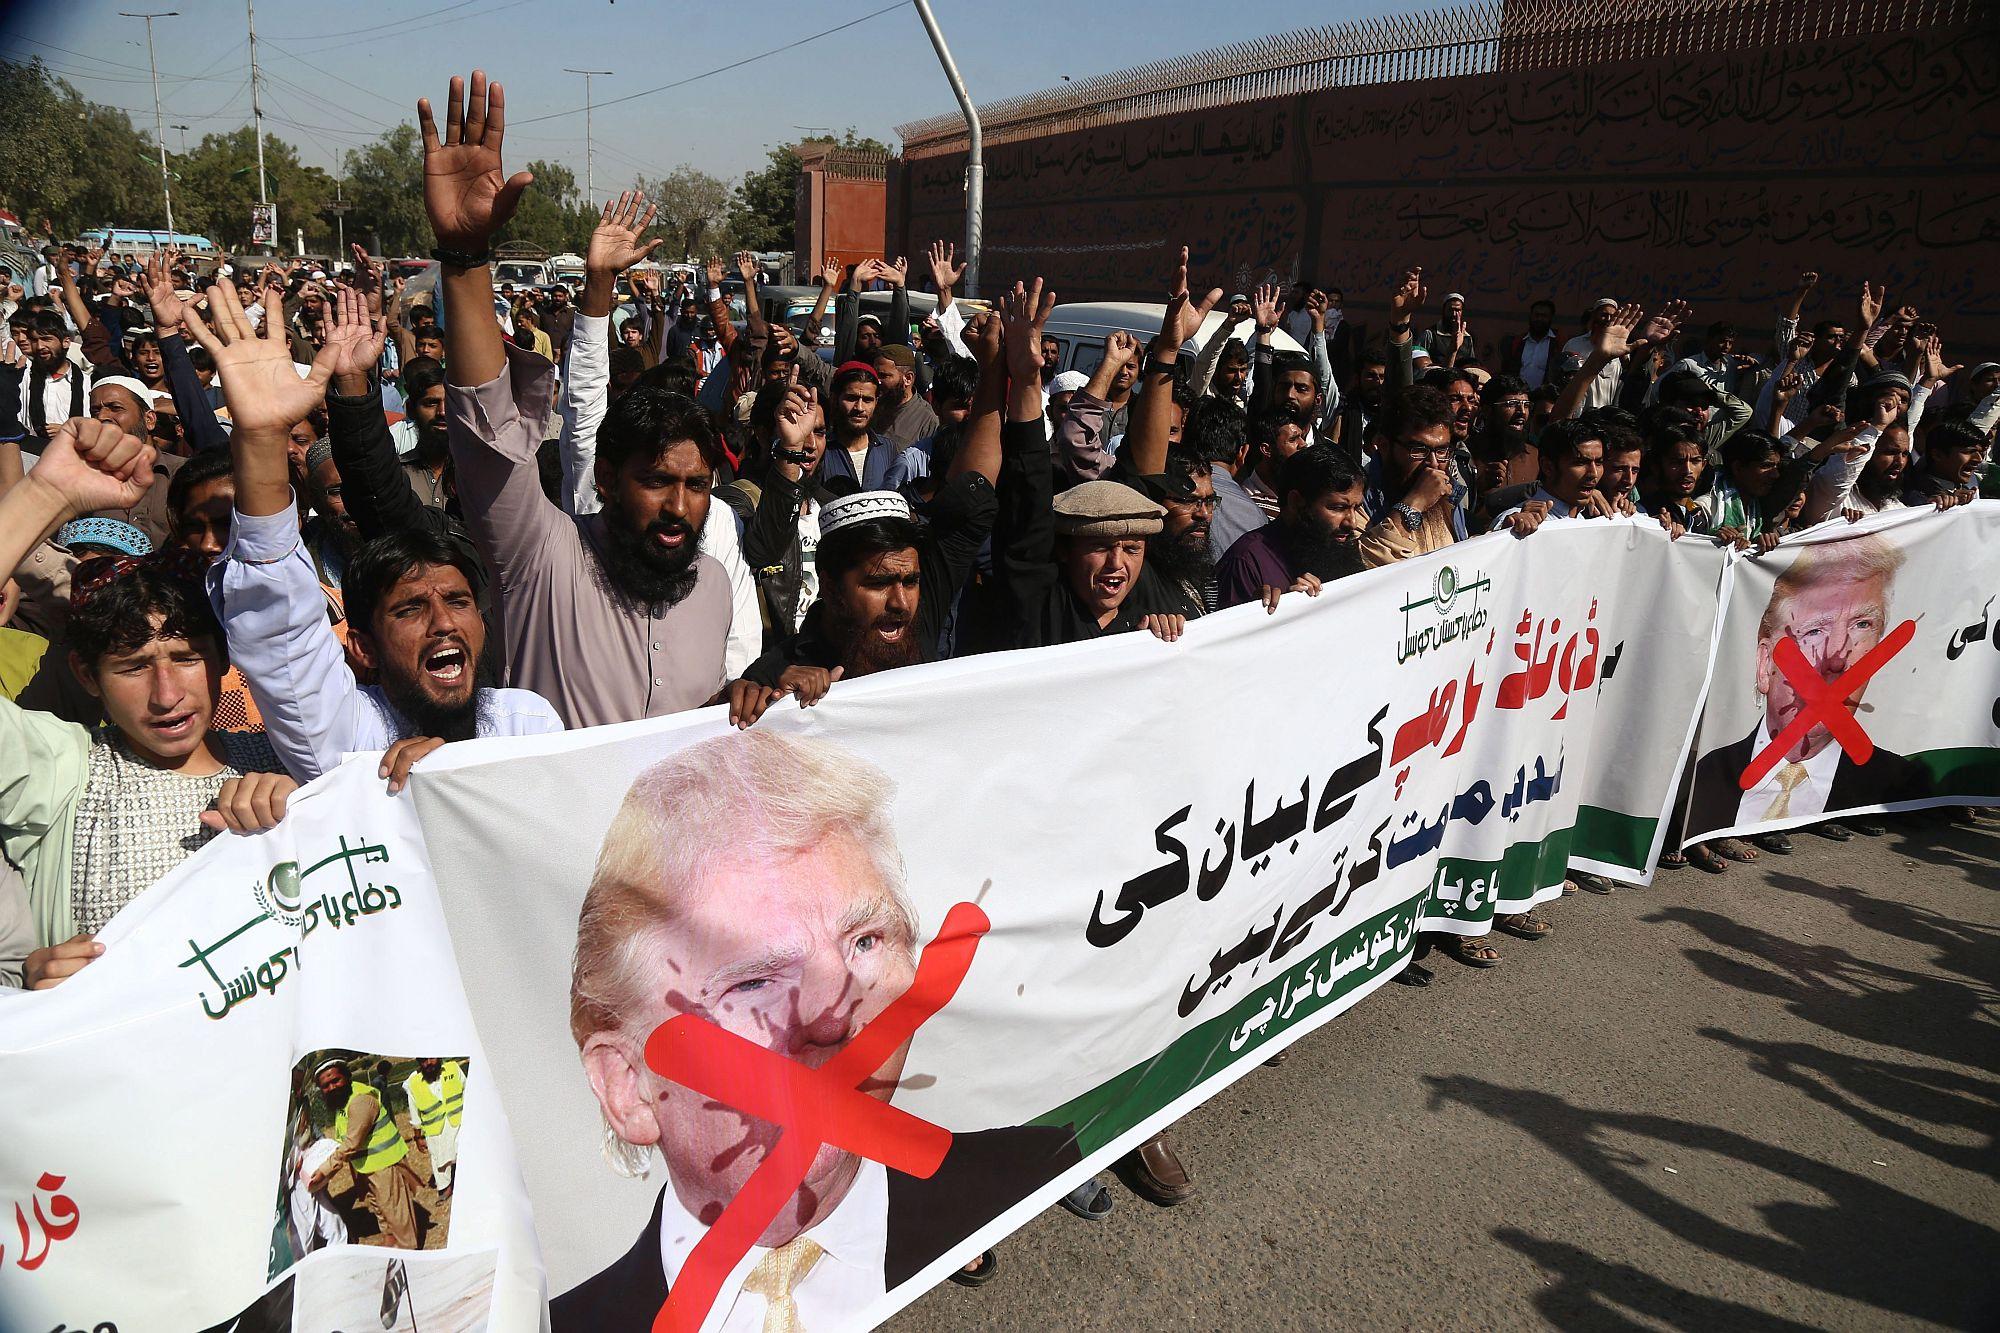 Pakisztáni vallásos csoportok tagjai tüntetnek Donald Trump amerikai elnök Twitter-üzenete miatt Karacsiban 2018. január 2-án. Trump üzenetében azzal vádolta meg a pakisztáni vezetést, hogy az amerikai kormányt megtévesztve segíti azokat a terroristákat, akik ellen az Egyesült Államok Afganisztánban harcol. (MTI/EPA/Rehan Hán)